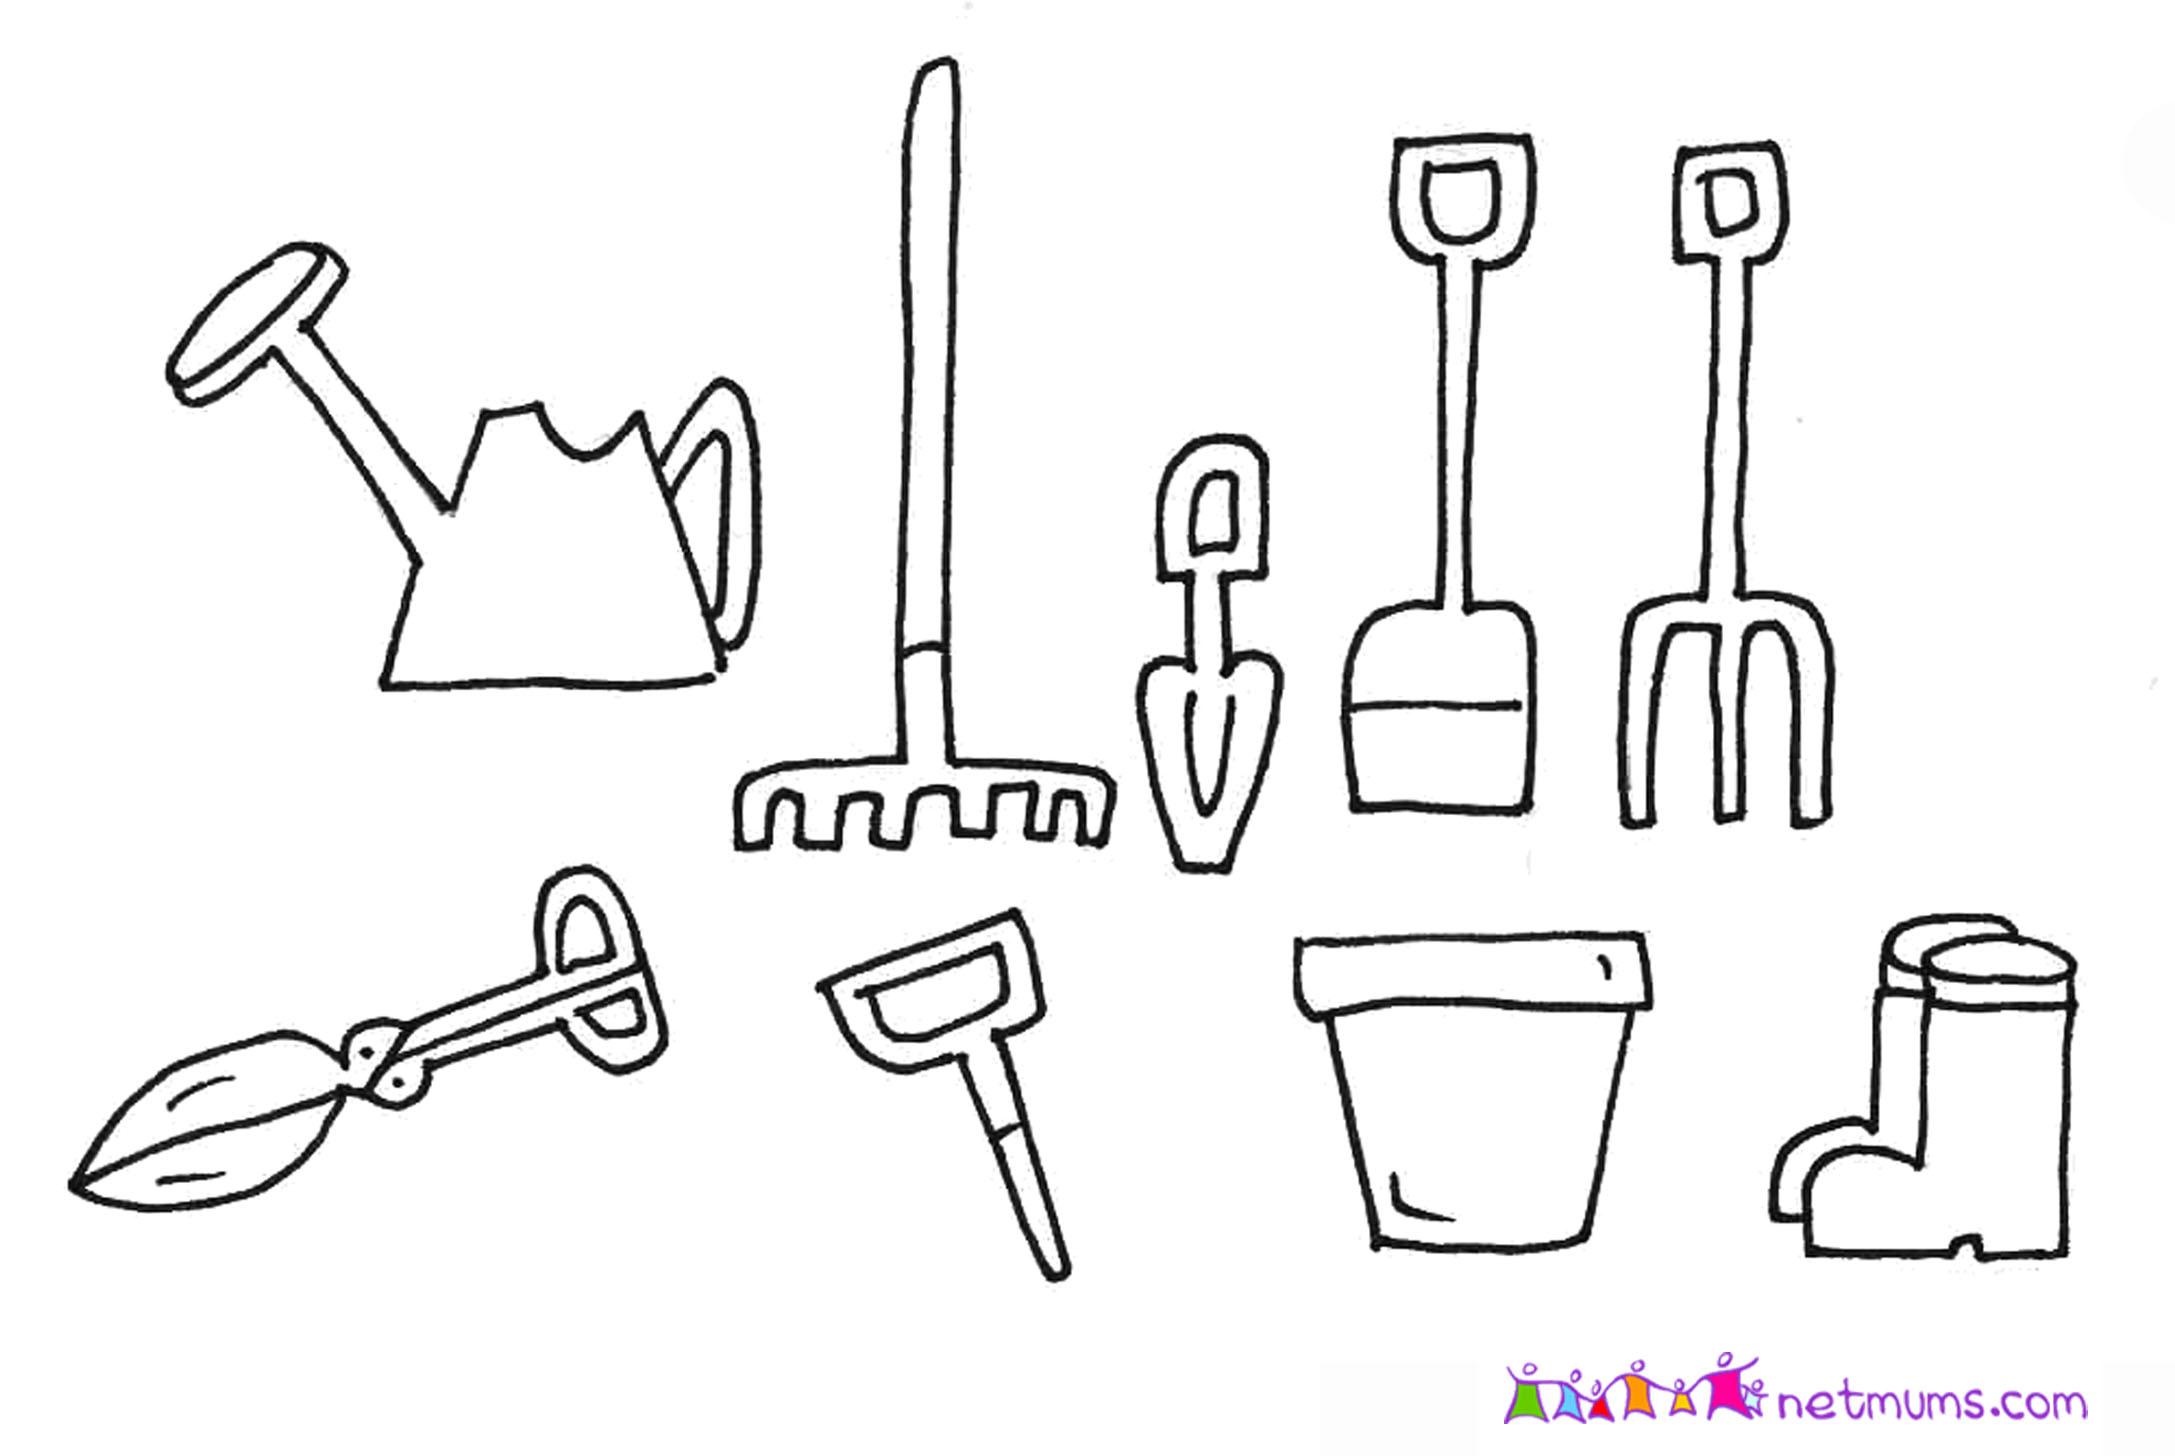 Hand Tools Drawing At Getdrawings